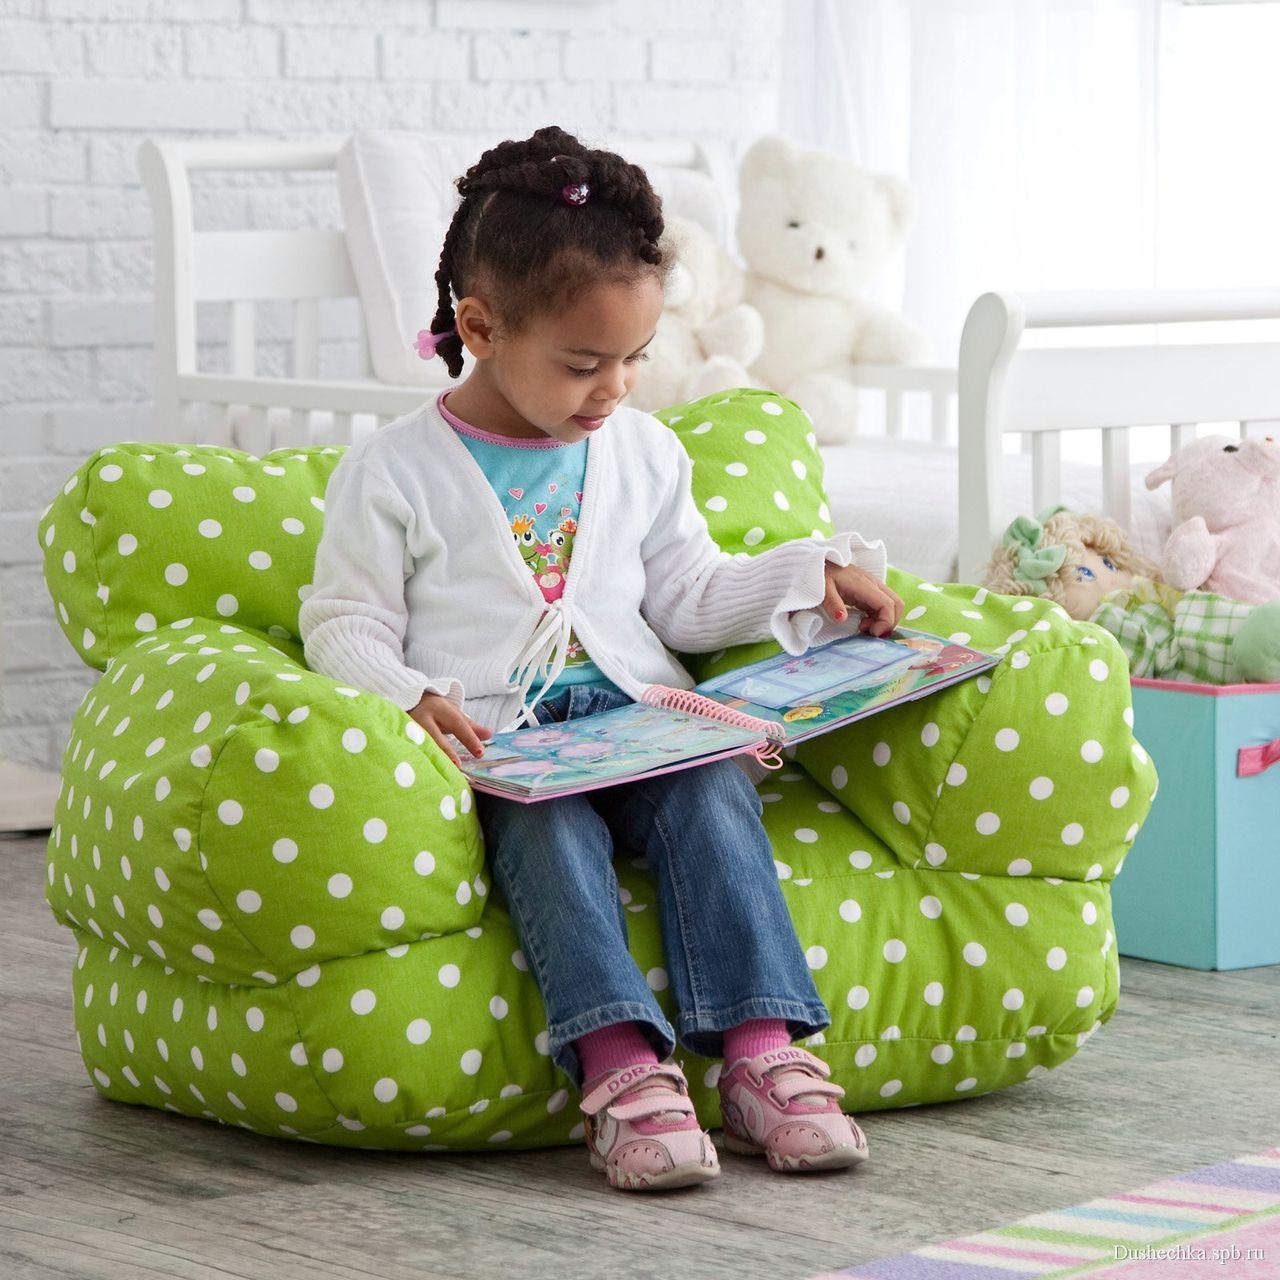 Папка «Фото», Что такое бескаркасная мебель и в чем ее преимущества – яркое кресло-мешок.